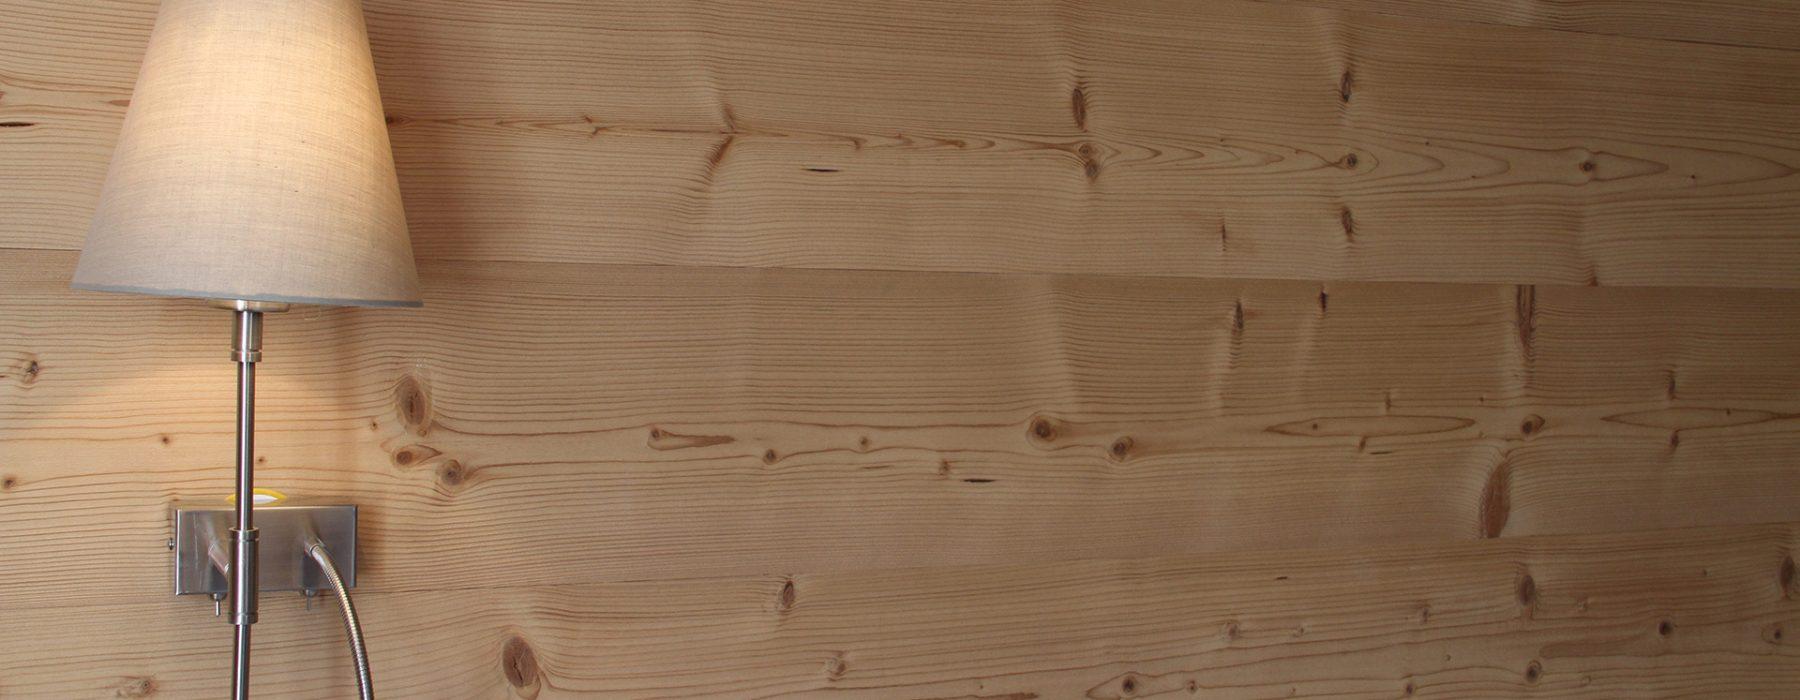 Lambris bois naturel steamwood sivalbp toulouse midi pyrénées ...